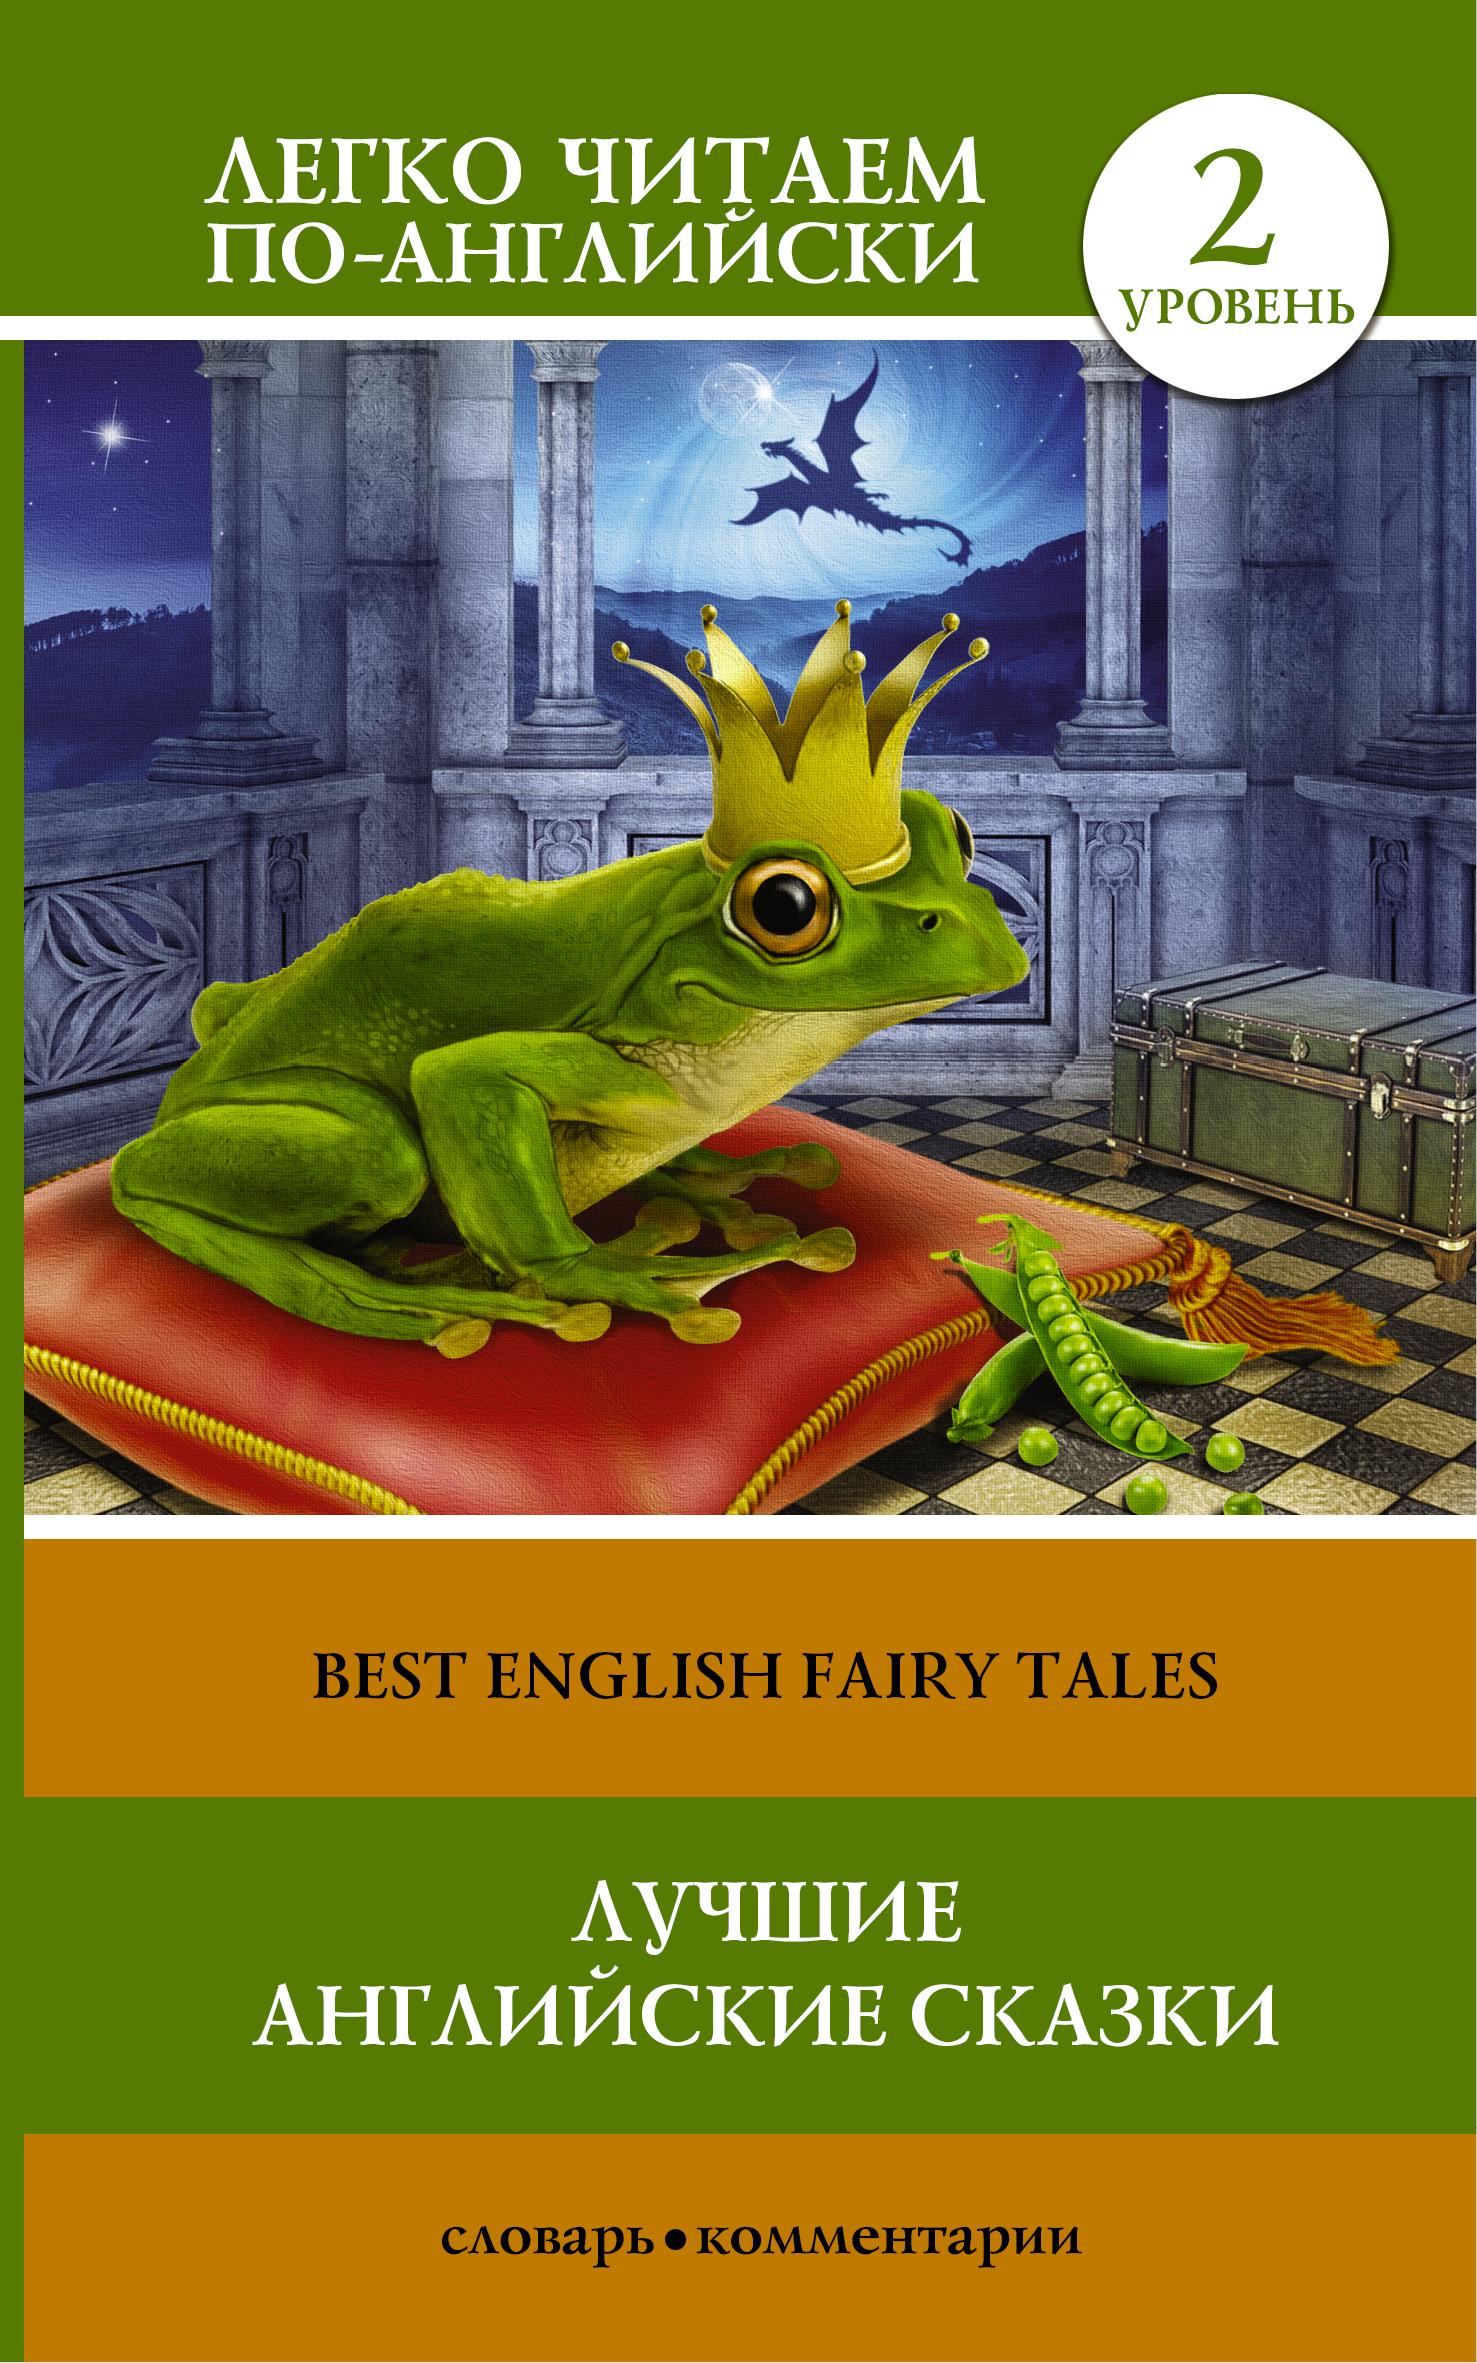 Лучшие английские сказки от book24.ru